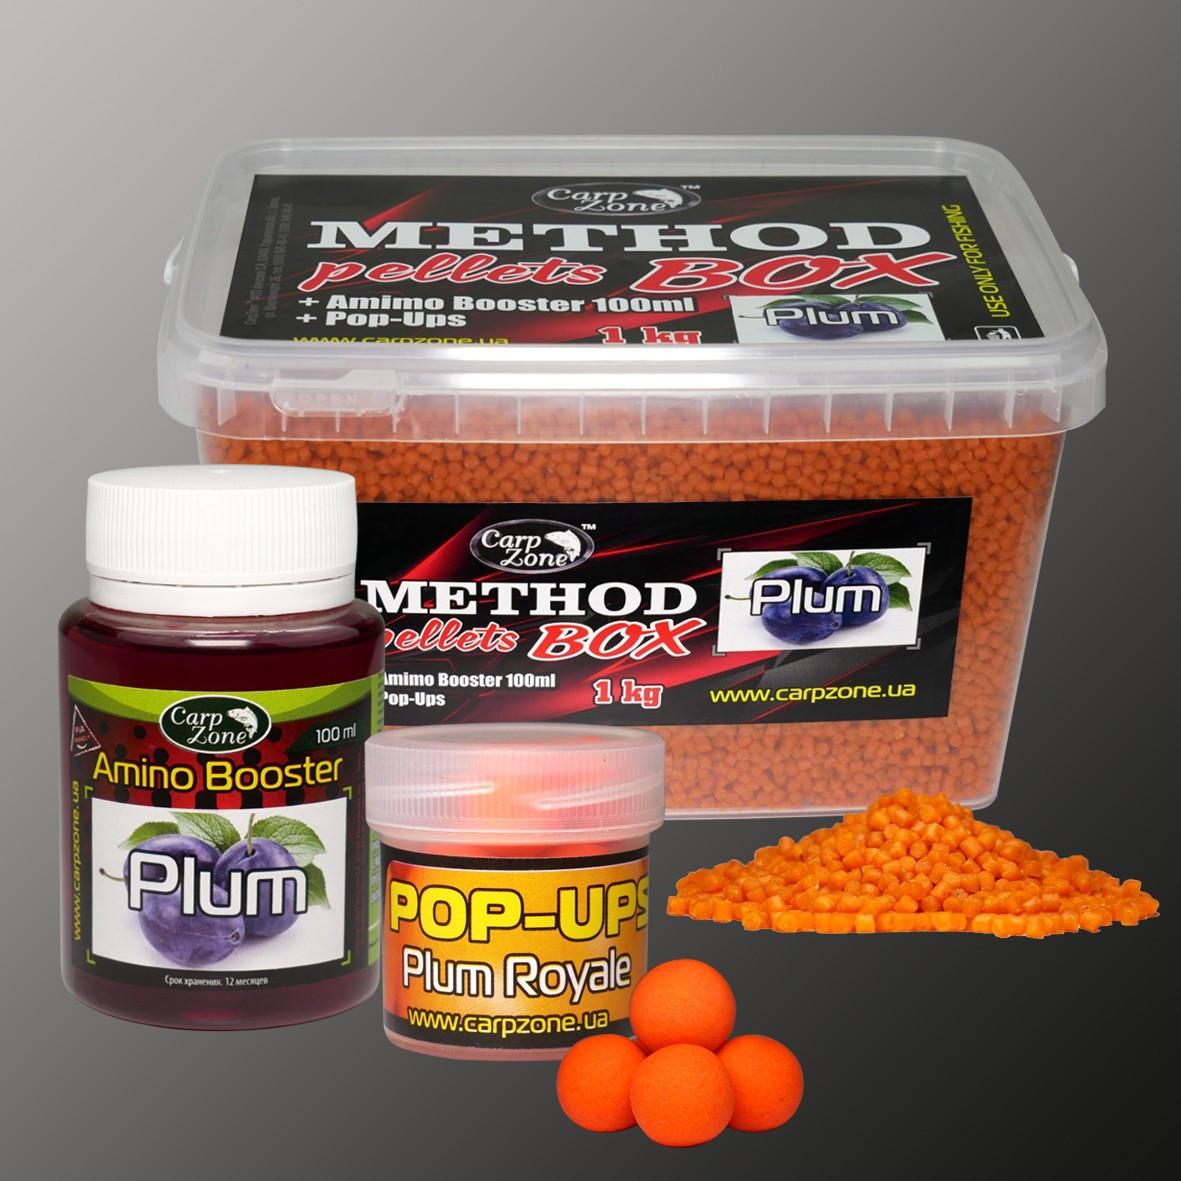 Набор Method Pellets Box Plum (Слива) 3mm/1kg + Amino Booster 100ml + Pop-Ups 8mm/30pc